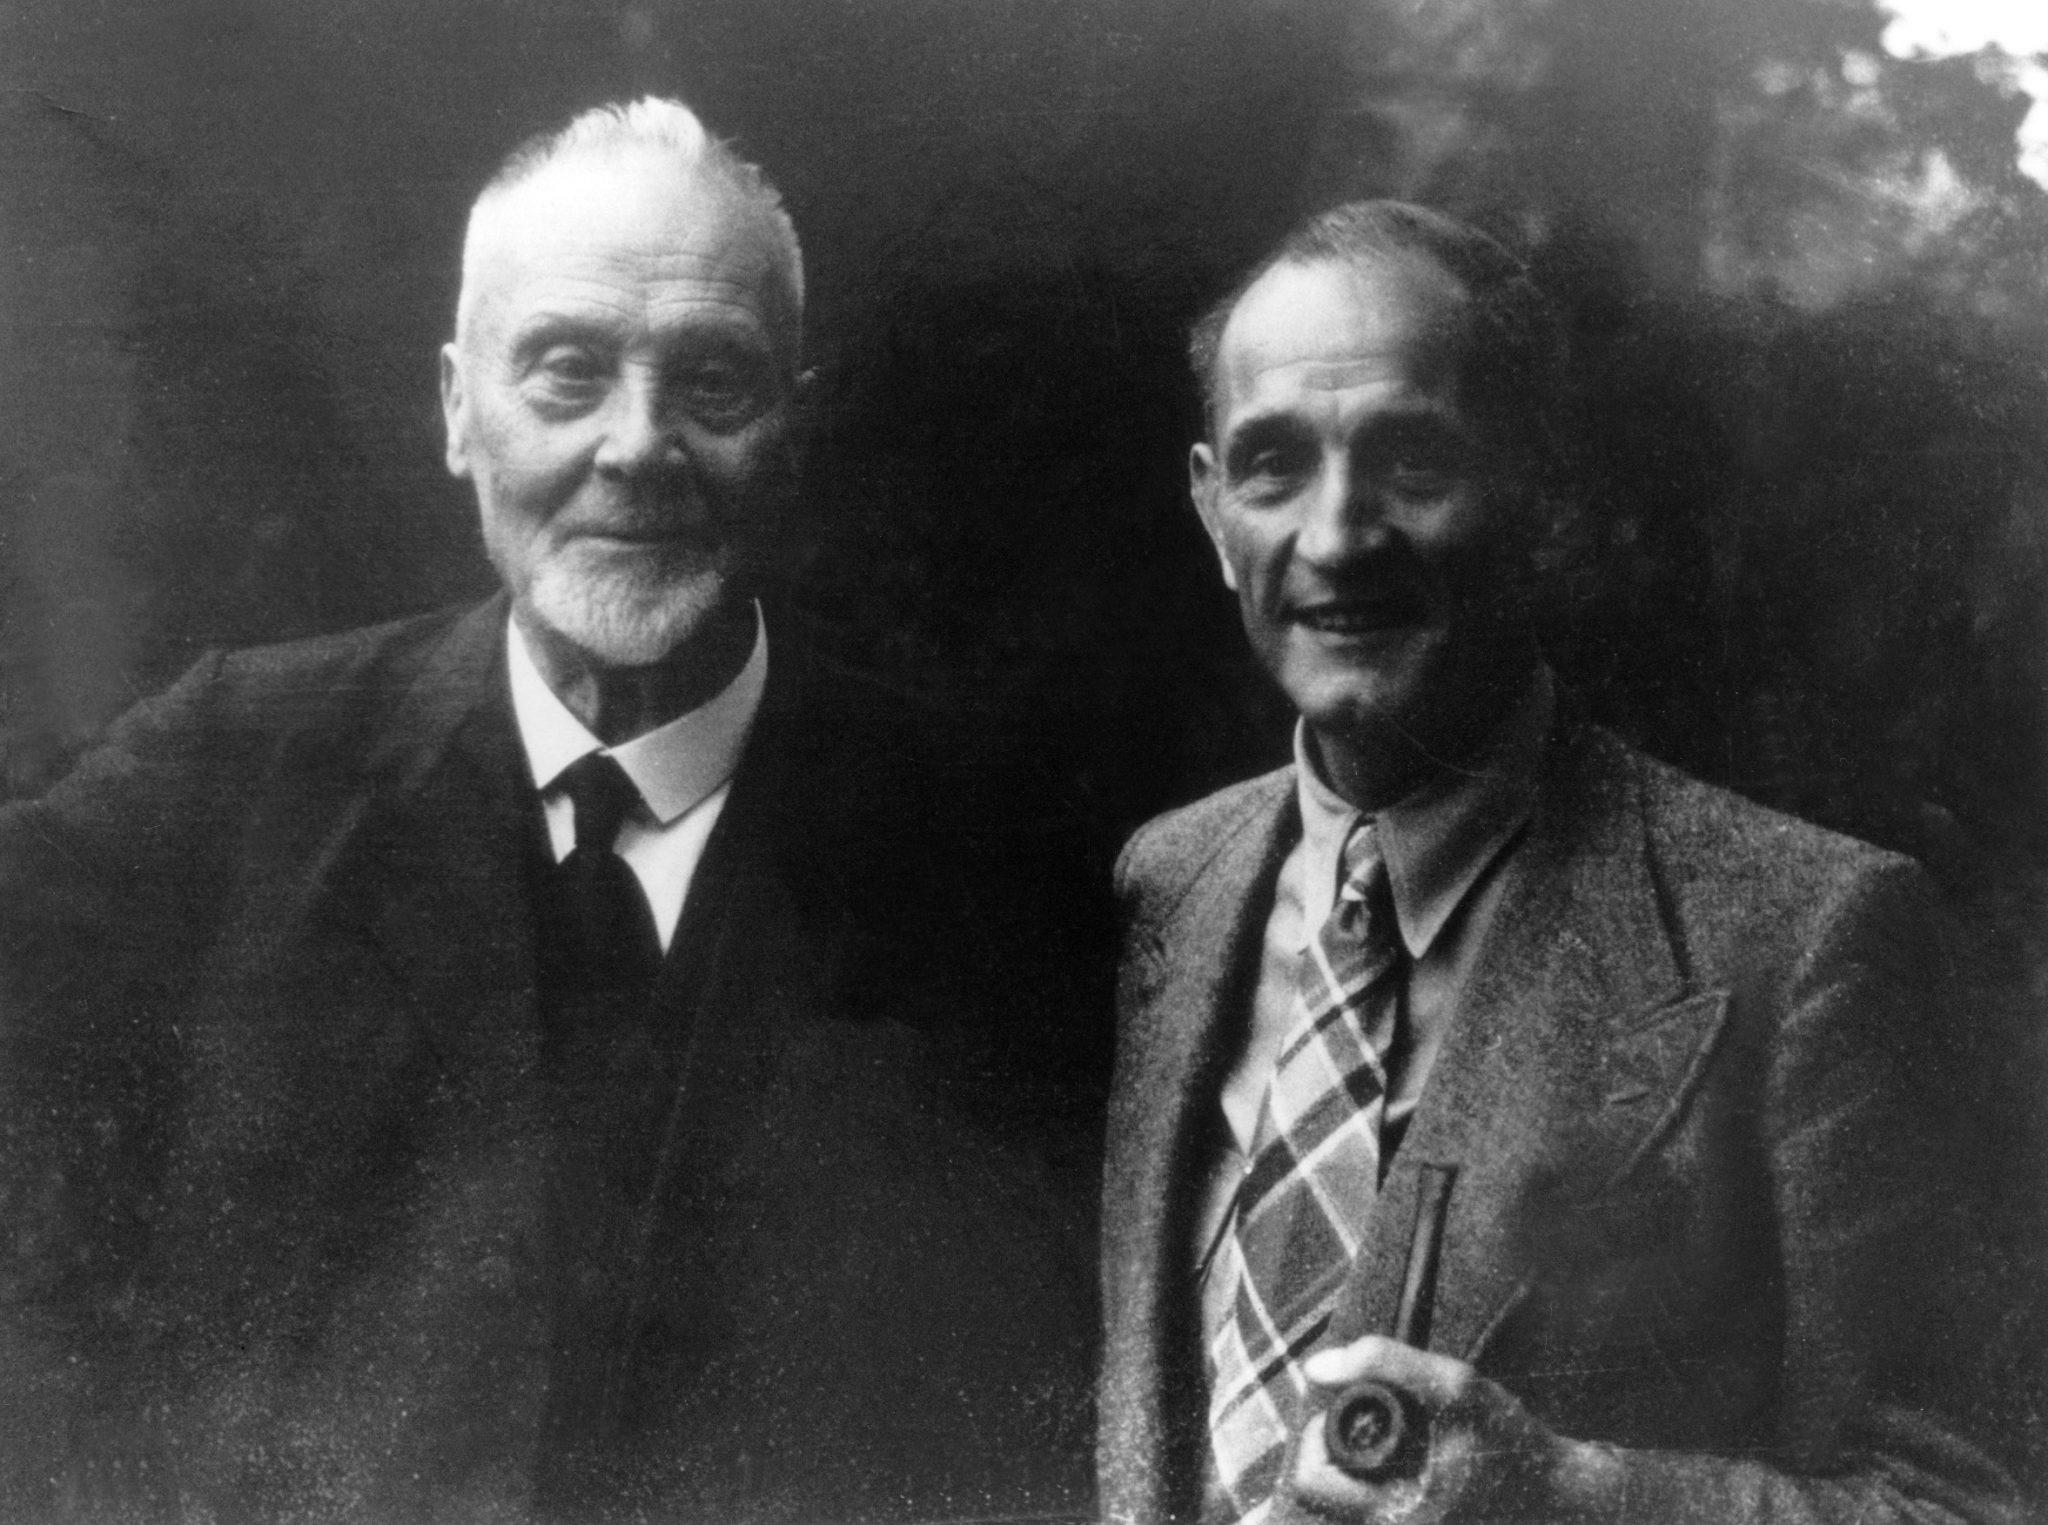 Der erste Ratsvorsitzende der Evangelischen Kirche in Deutschland, Theophil Wurm (l.), und sein Stellvertreter Martin Niemöller Foto: www.relivision.com